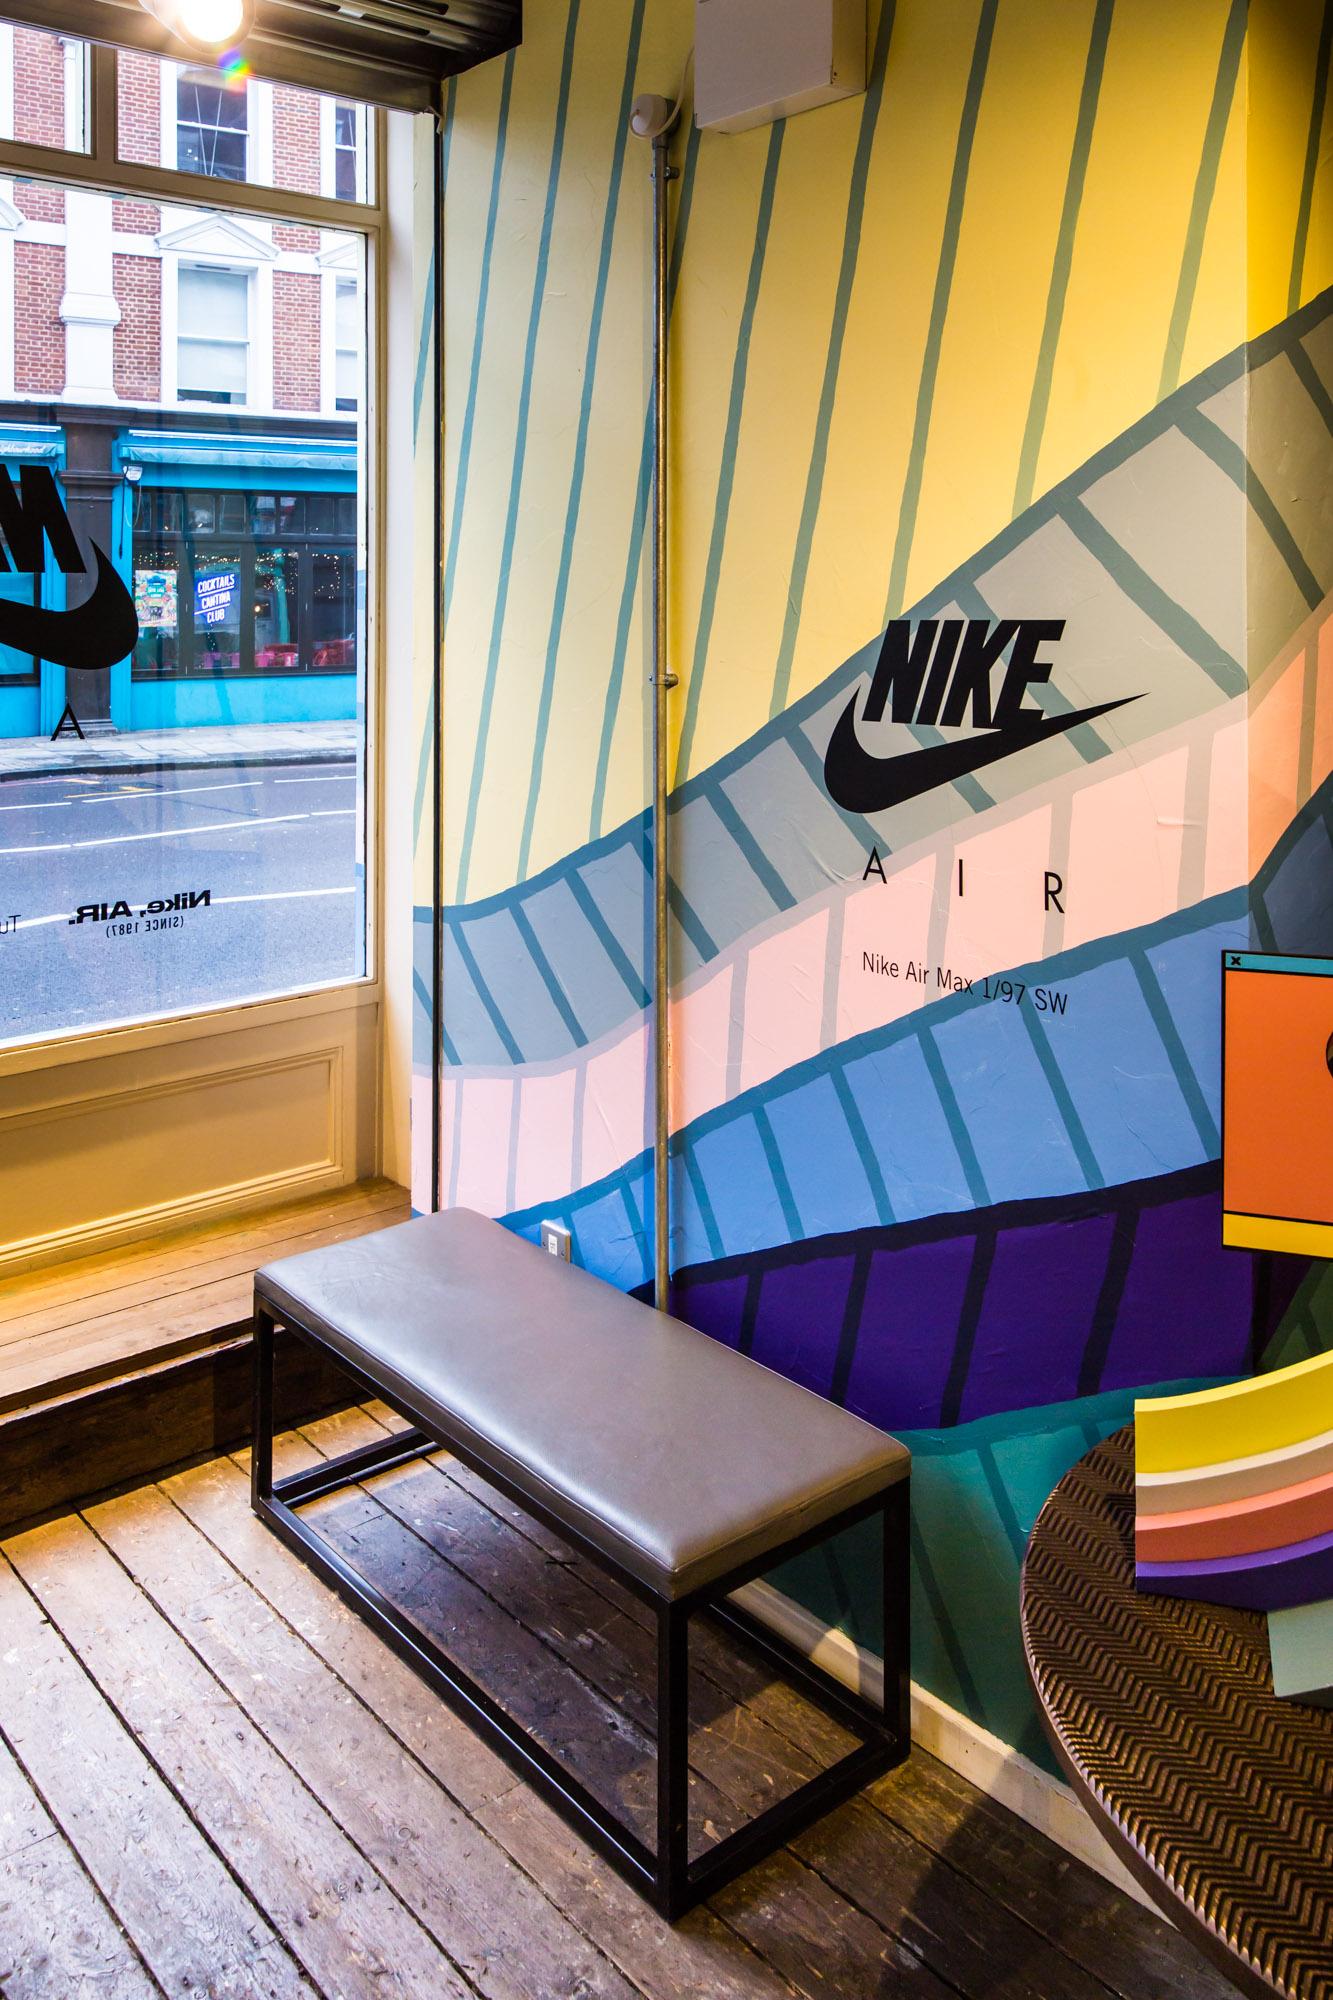 TDM_9627 - Nike - Sean Wotherspoon - SneakersnStuff - Tom D Morgan - WEB.jpg